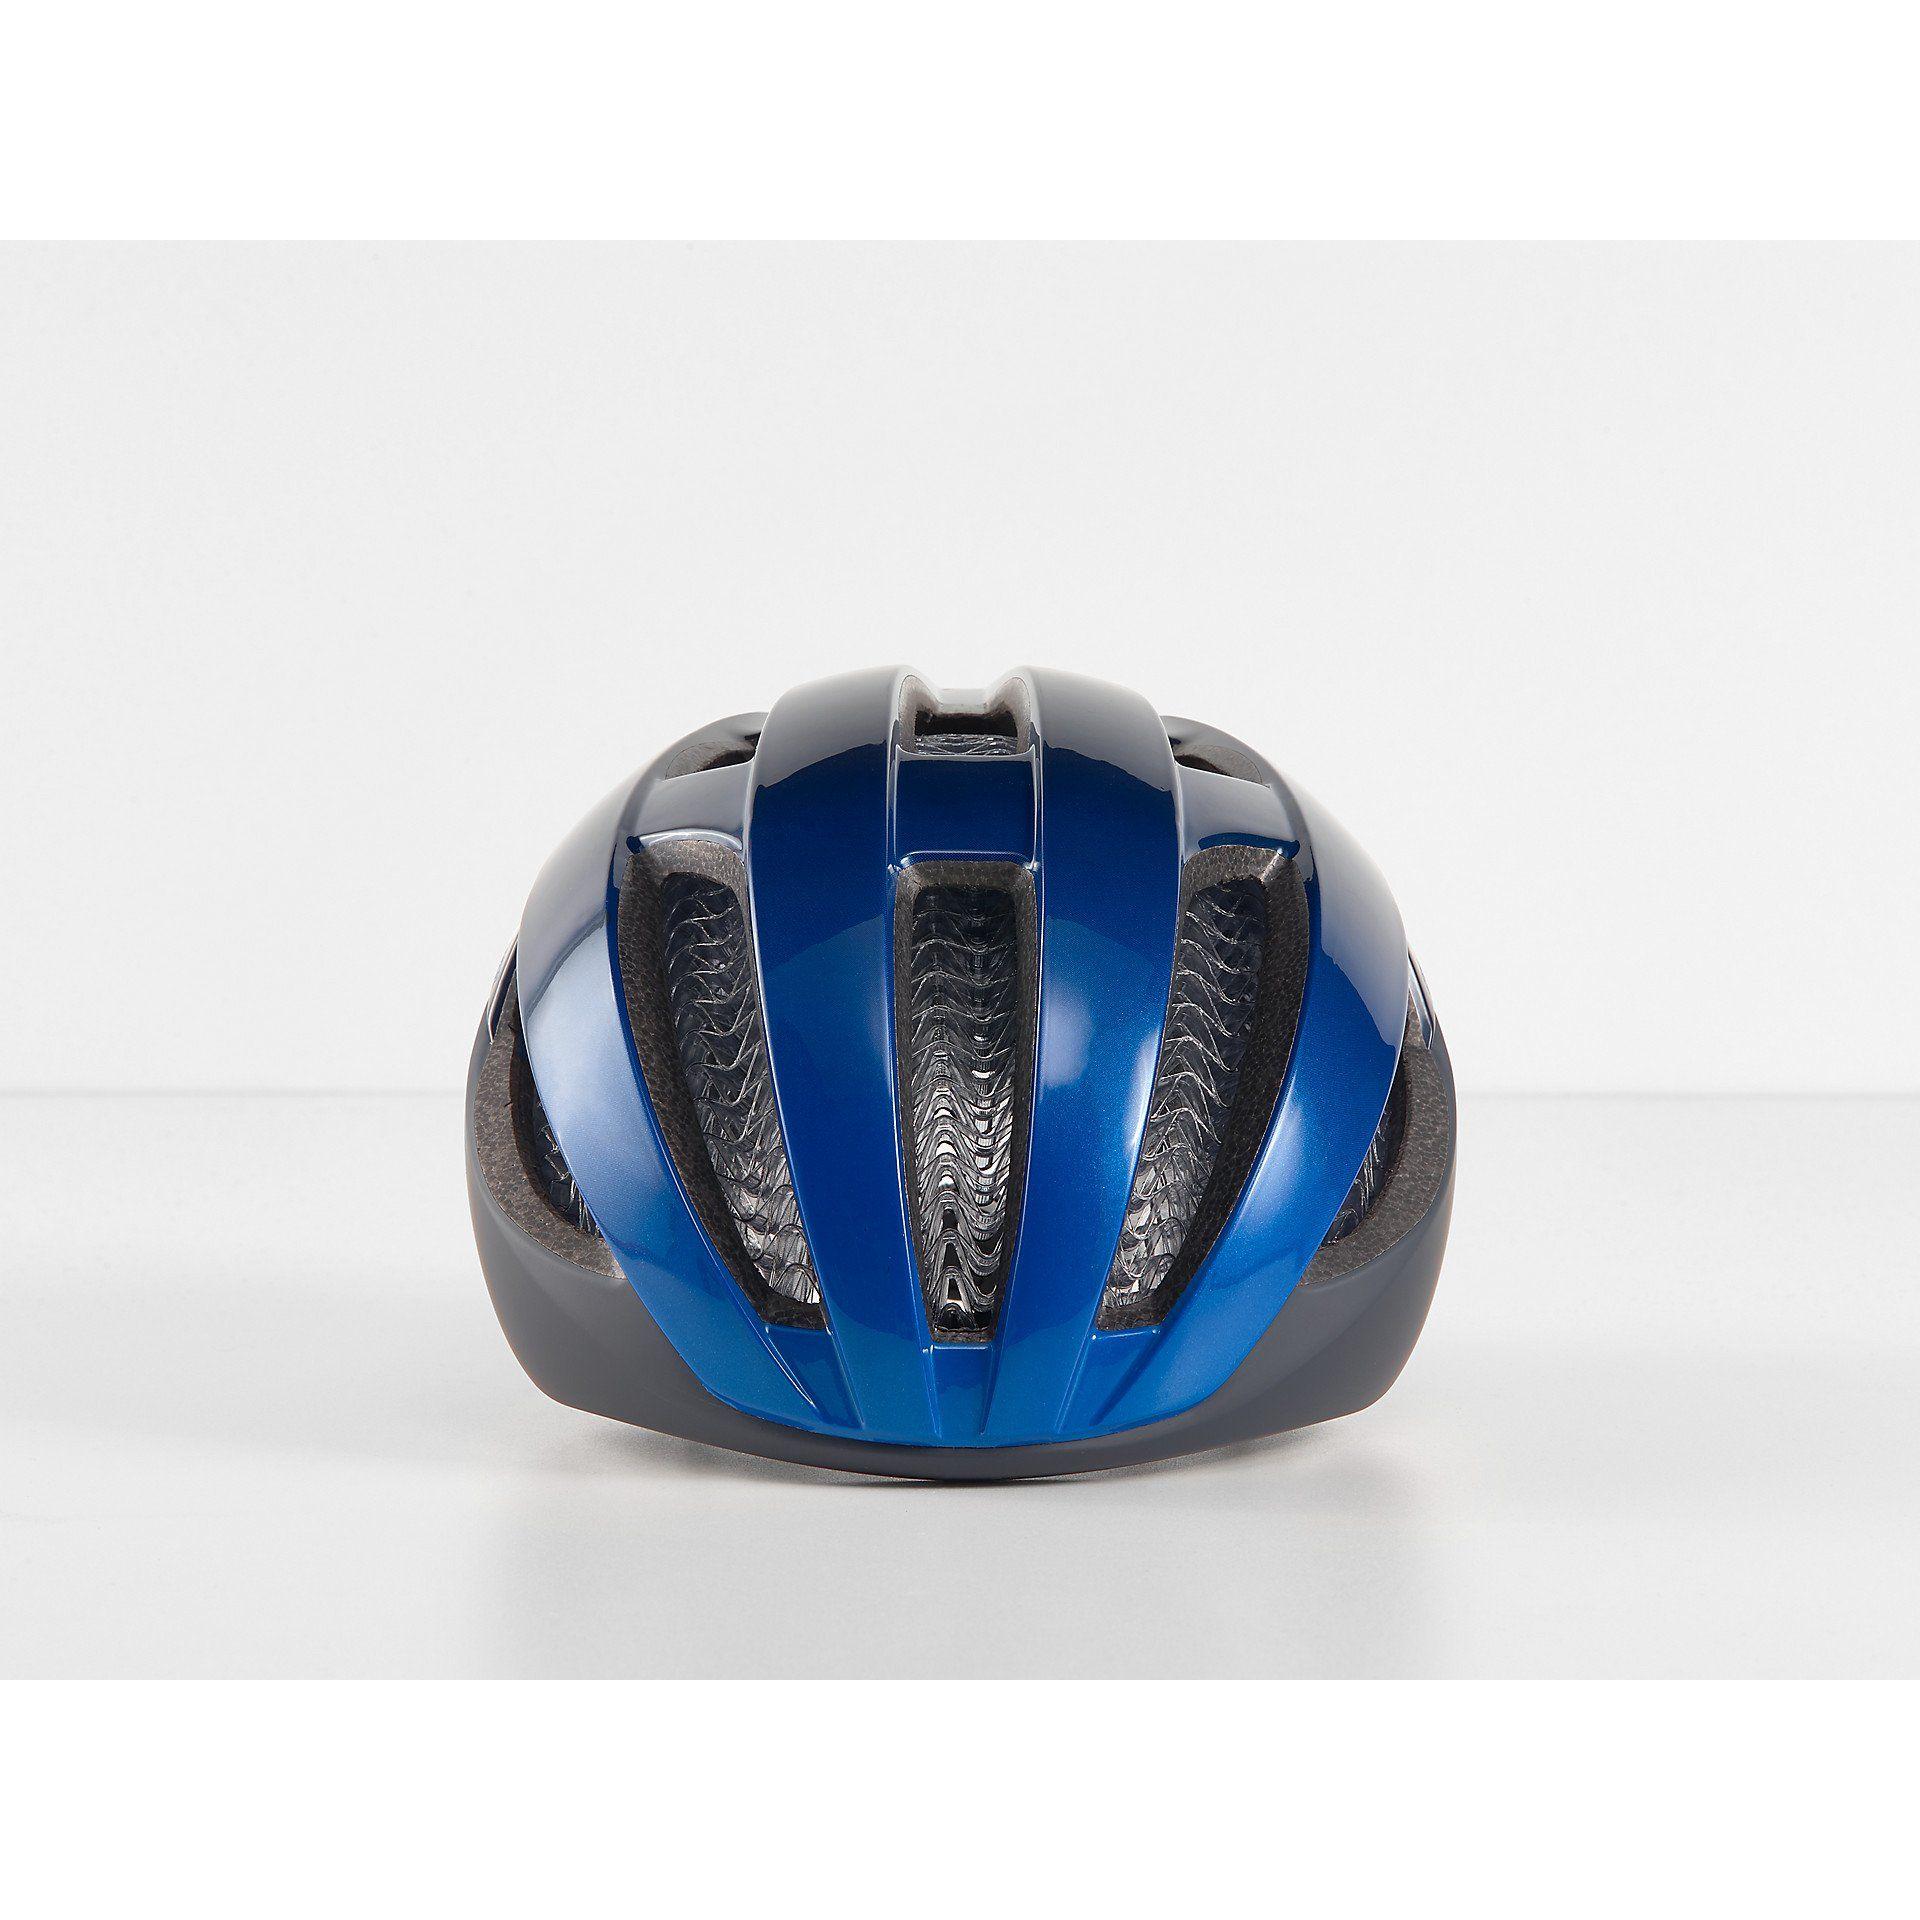 KASK ROWEROWY BONTRAGER SPECTER WAVECEL BLUE|BLUE DARK Z PRZODU